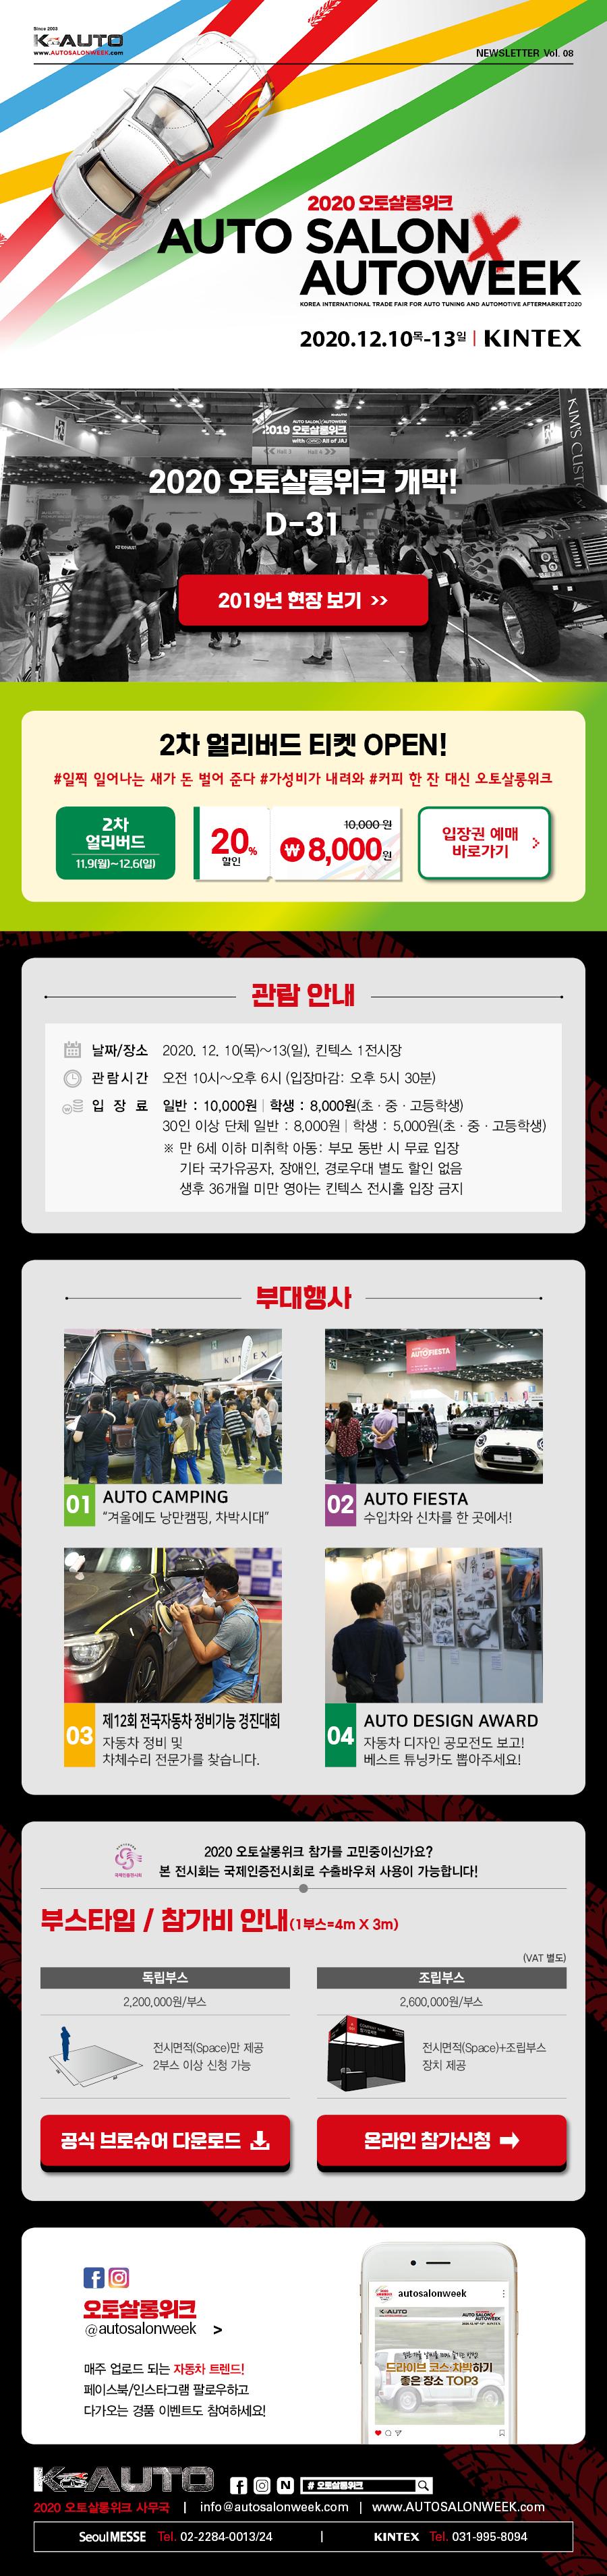 2020 오토살롱 뉴스레터_08-2.jpg